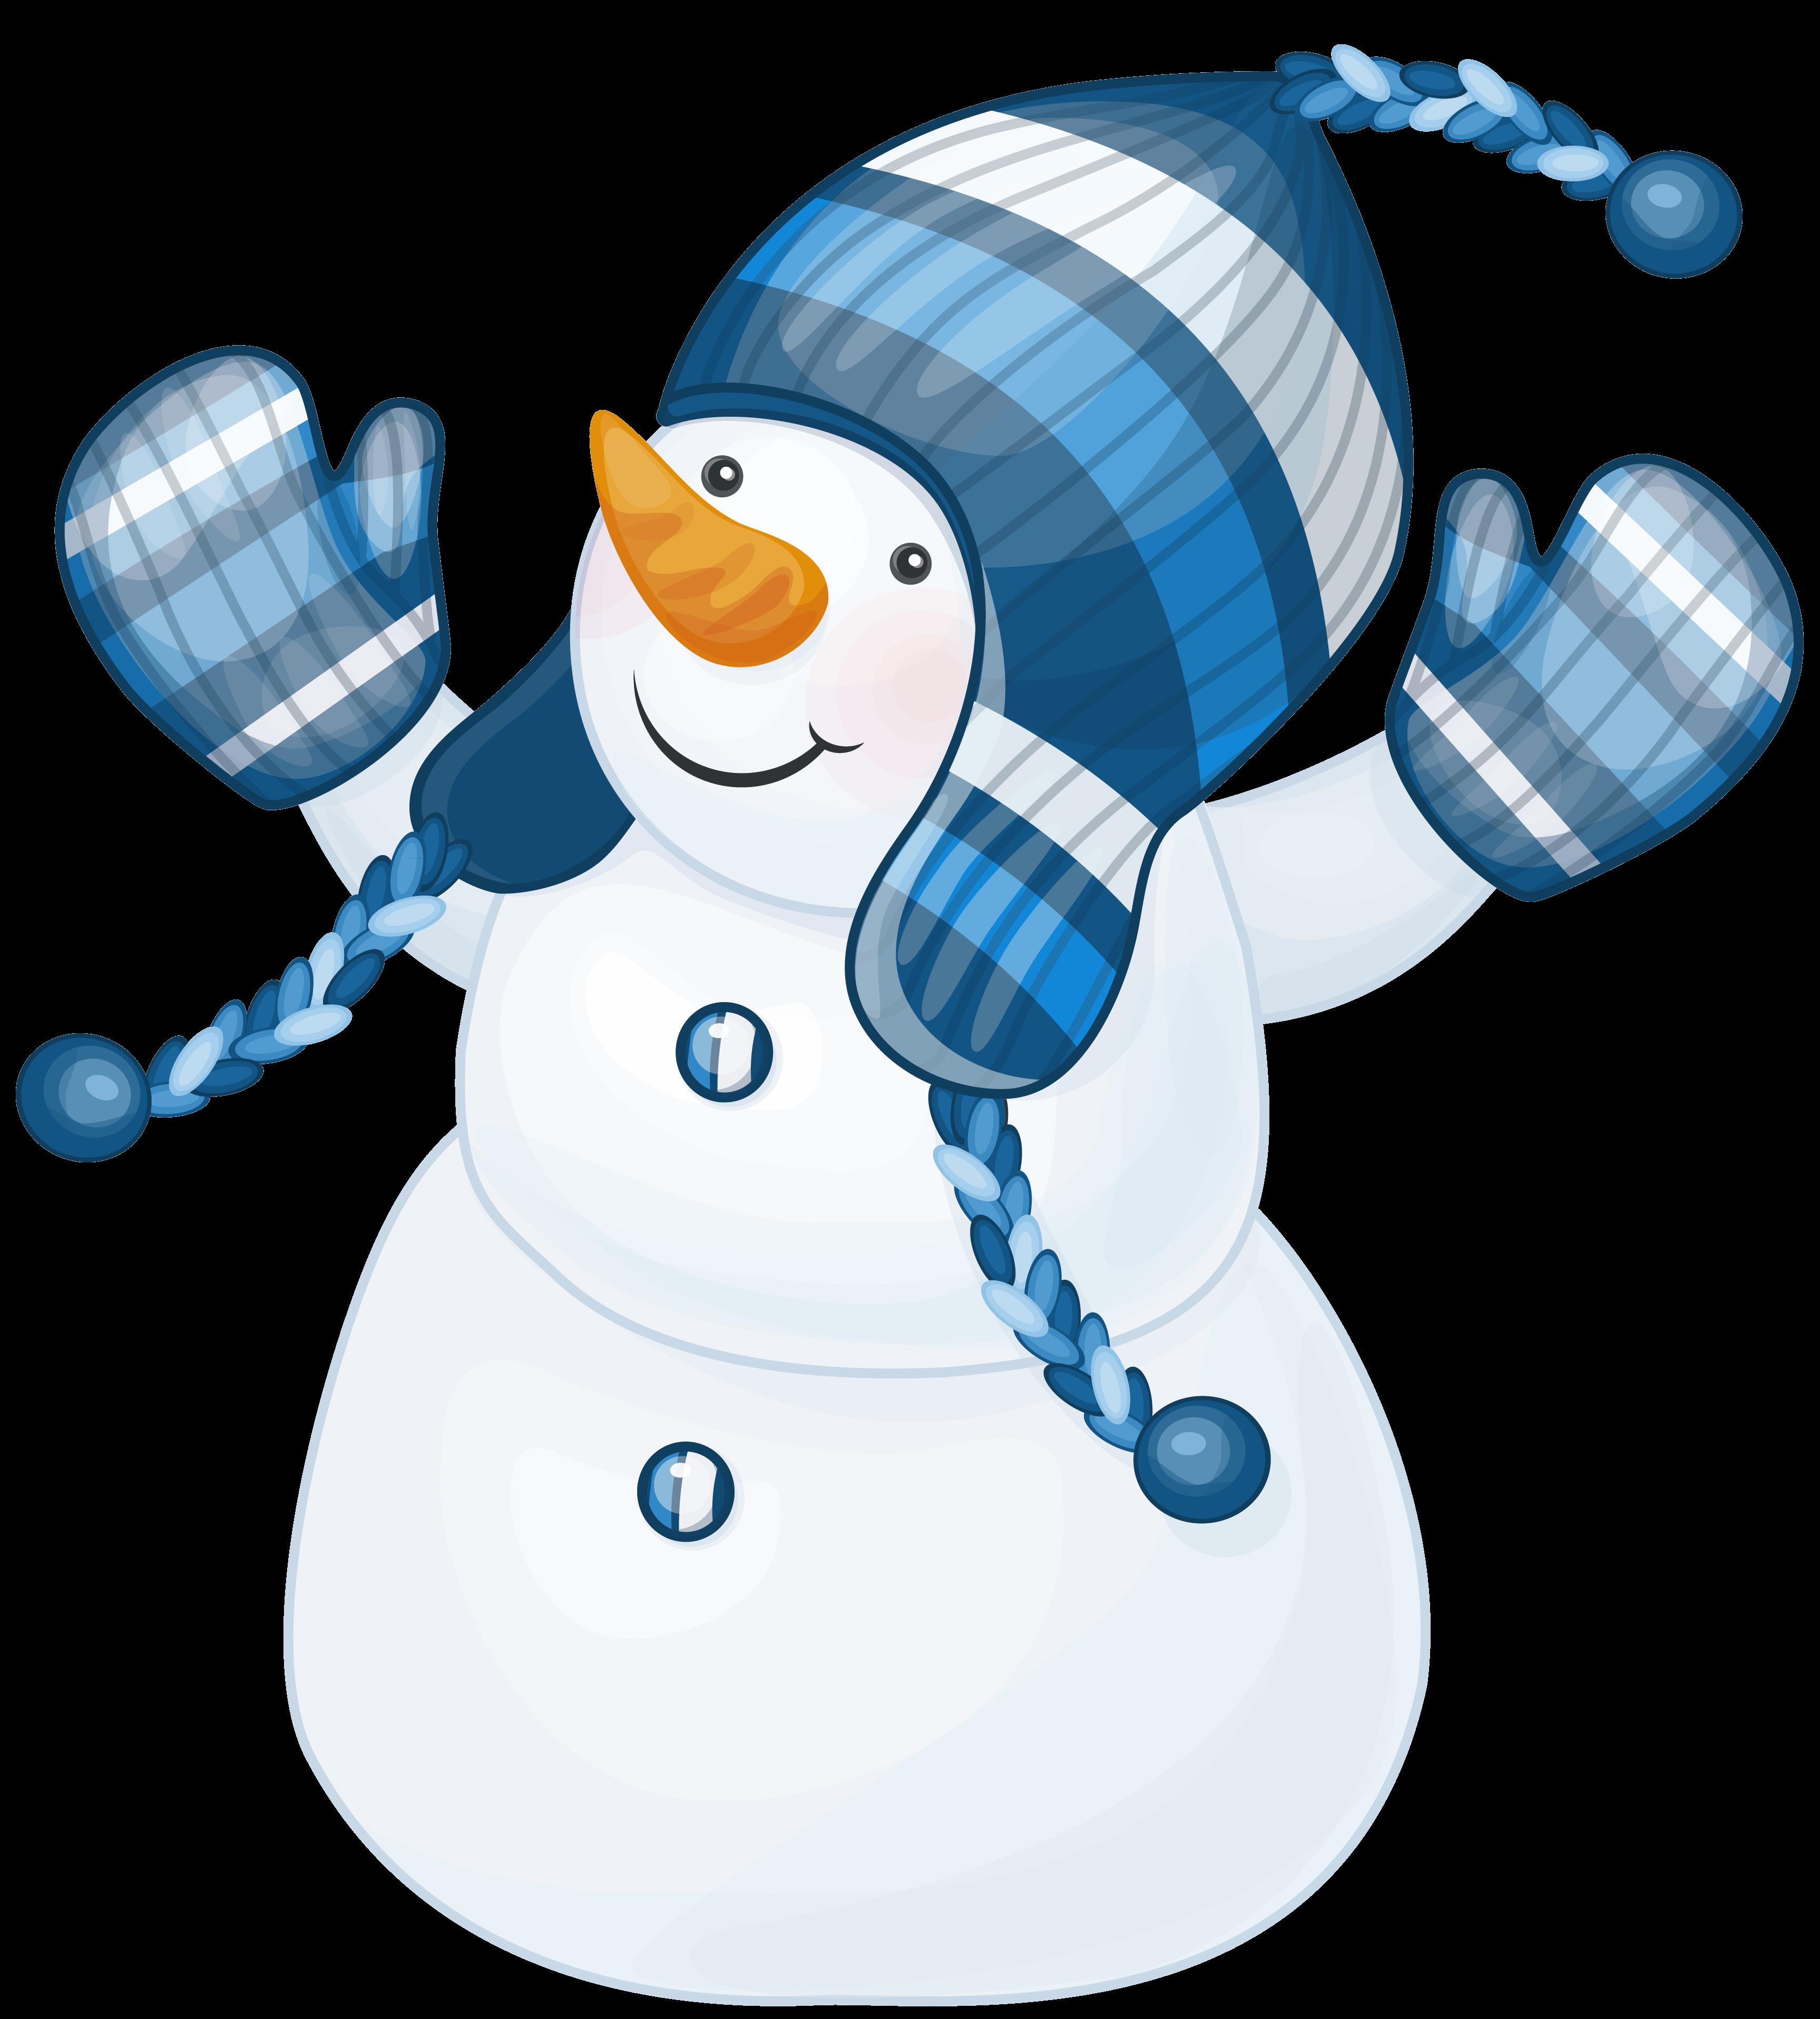 Transparent Background Snowman Clipart Png.